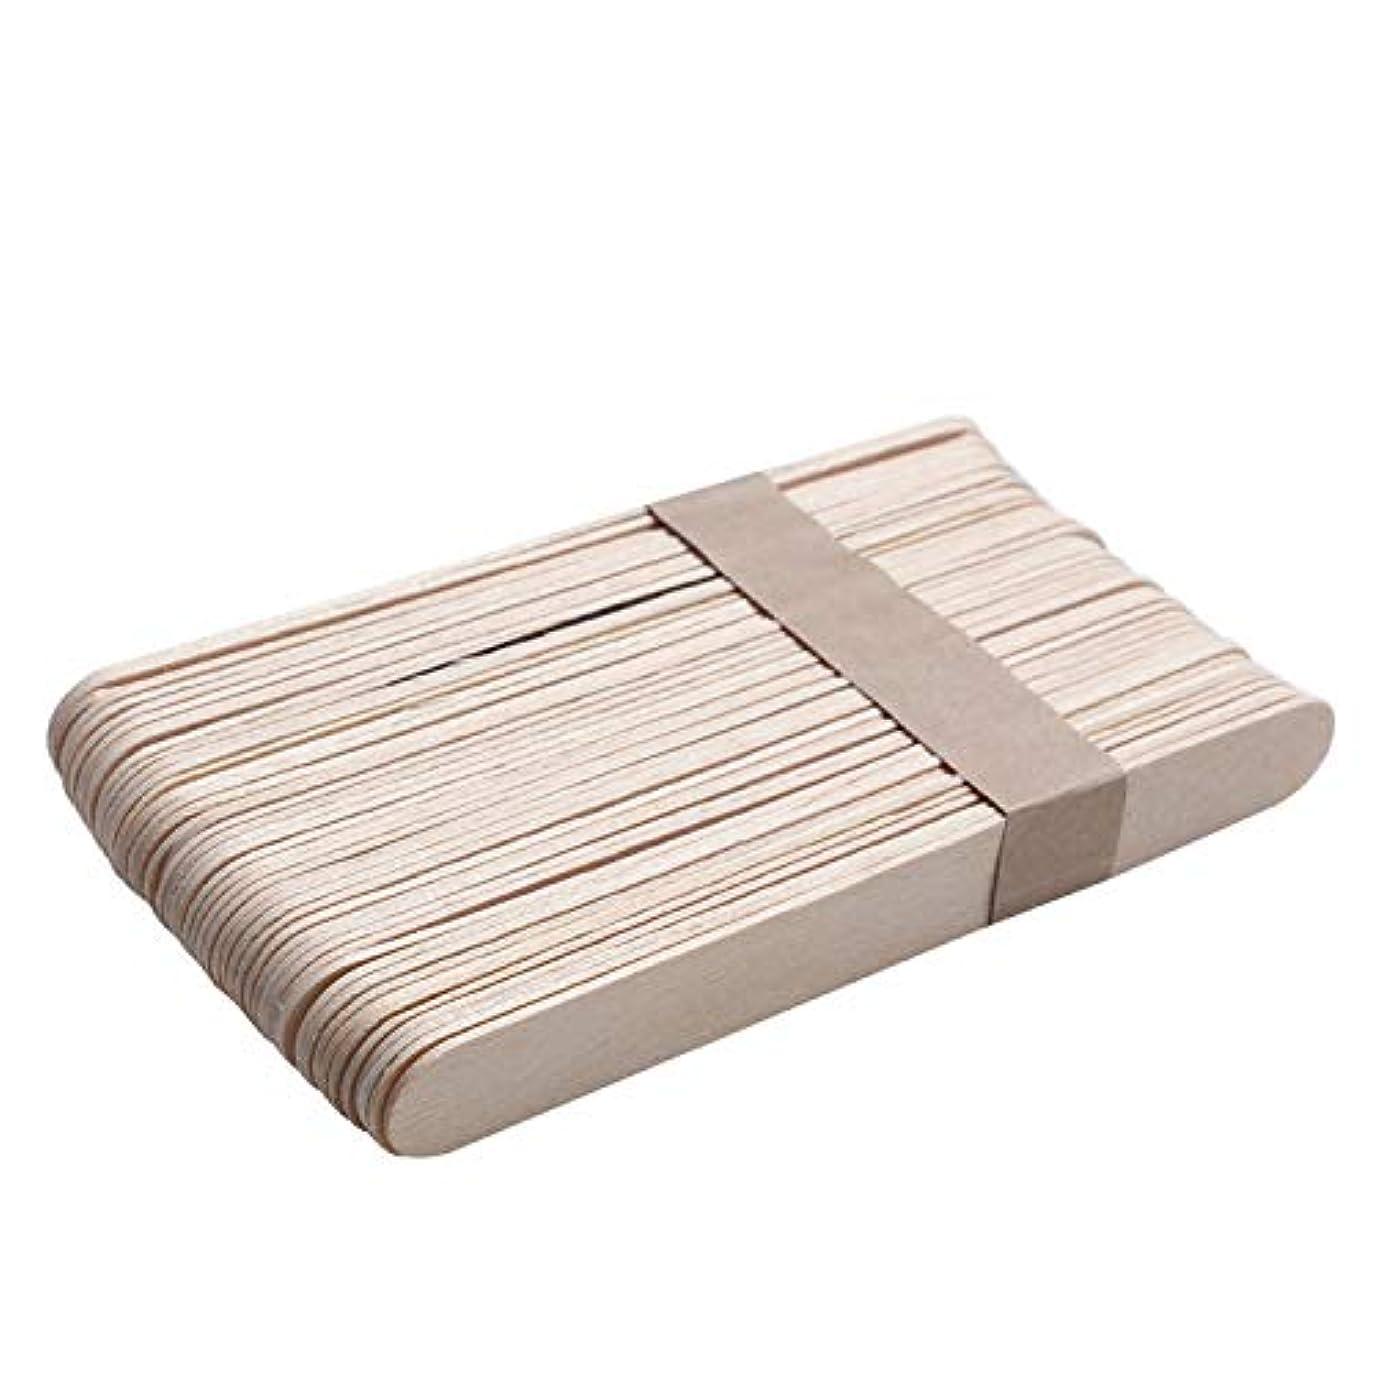 開いた衝突虐殺Migavann 50ピース15センチ木製ワックススティック 使い捨て木製ワックスヘラワックスアプリケータdiyフェイシャルマスクスティック